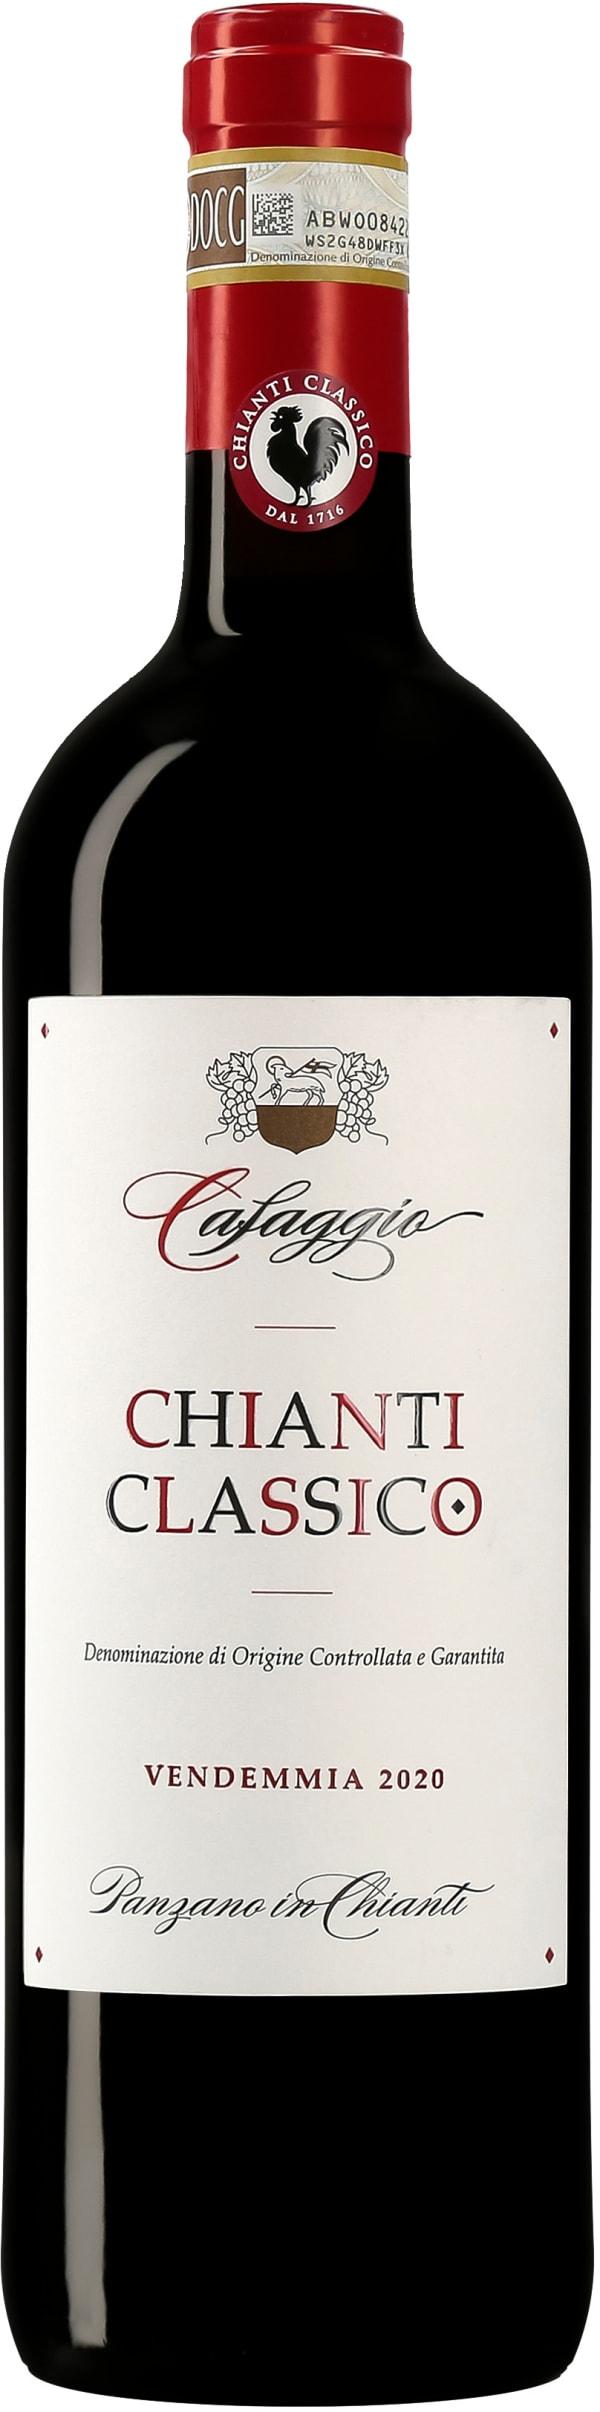 Villa Cafaggio Chianti Classico 2015